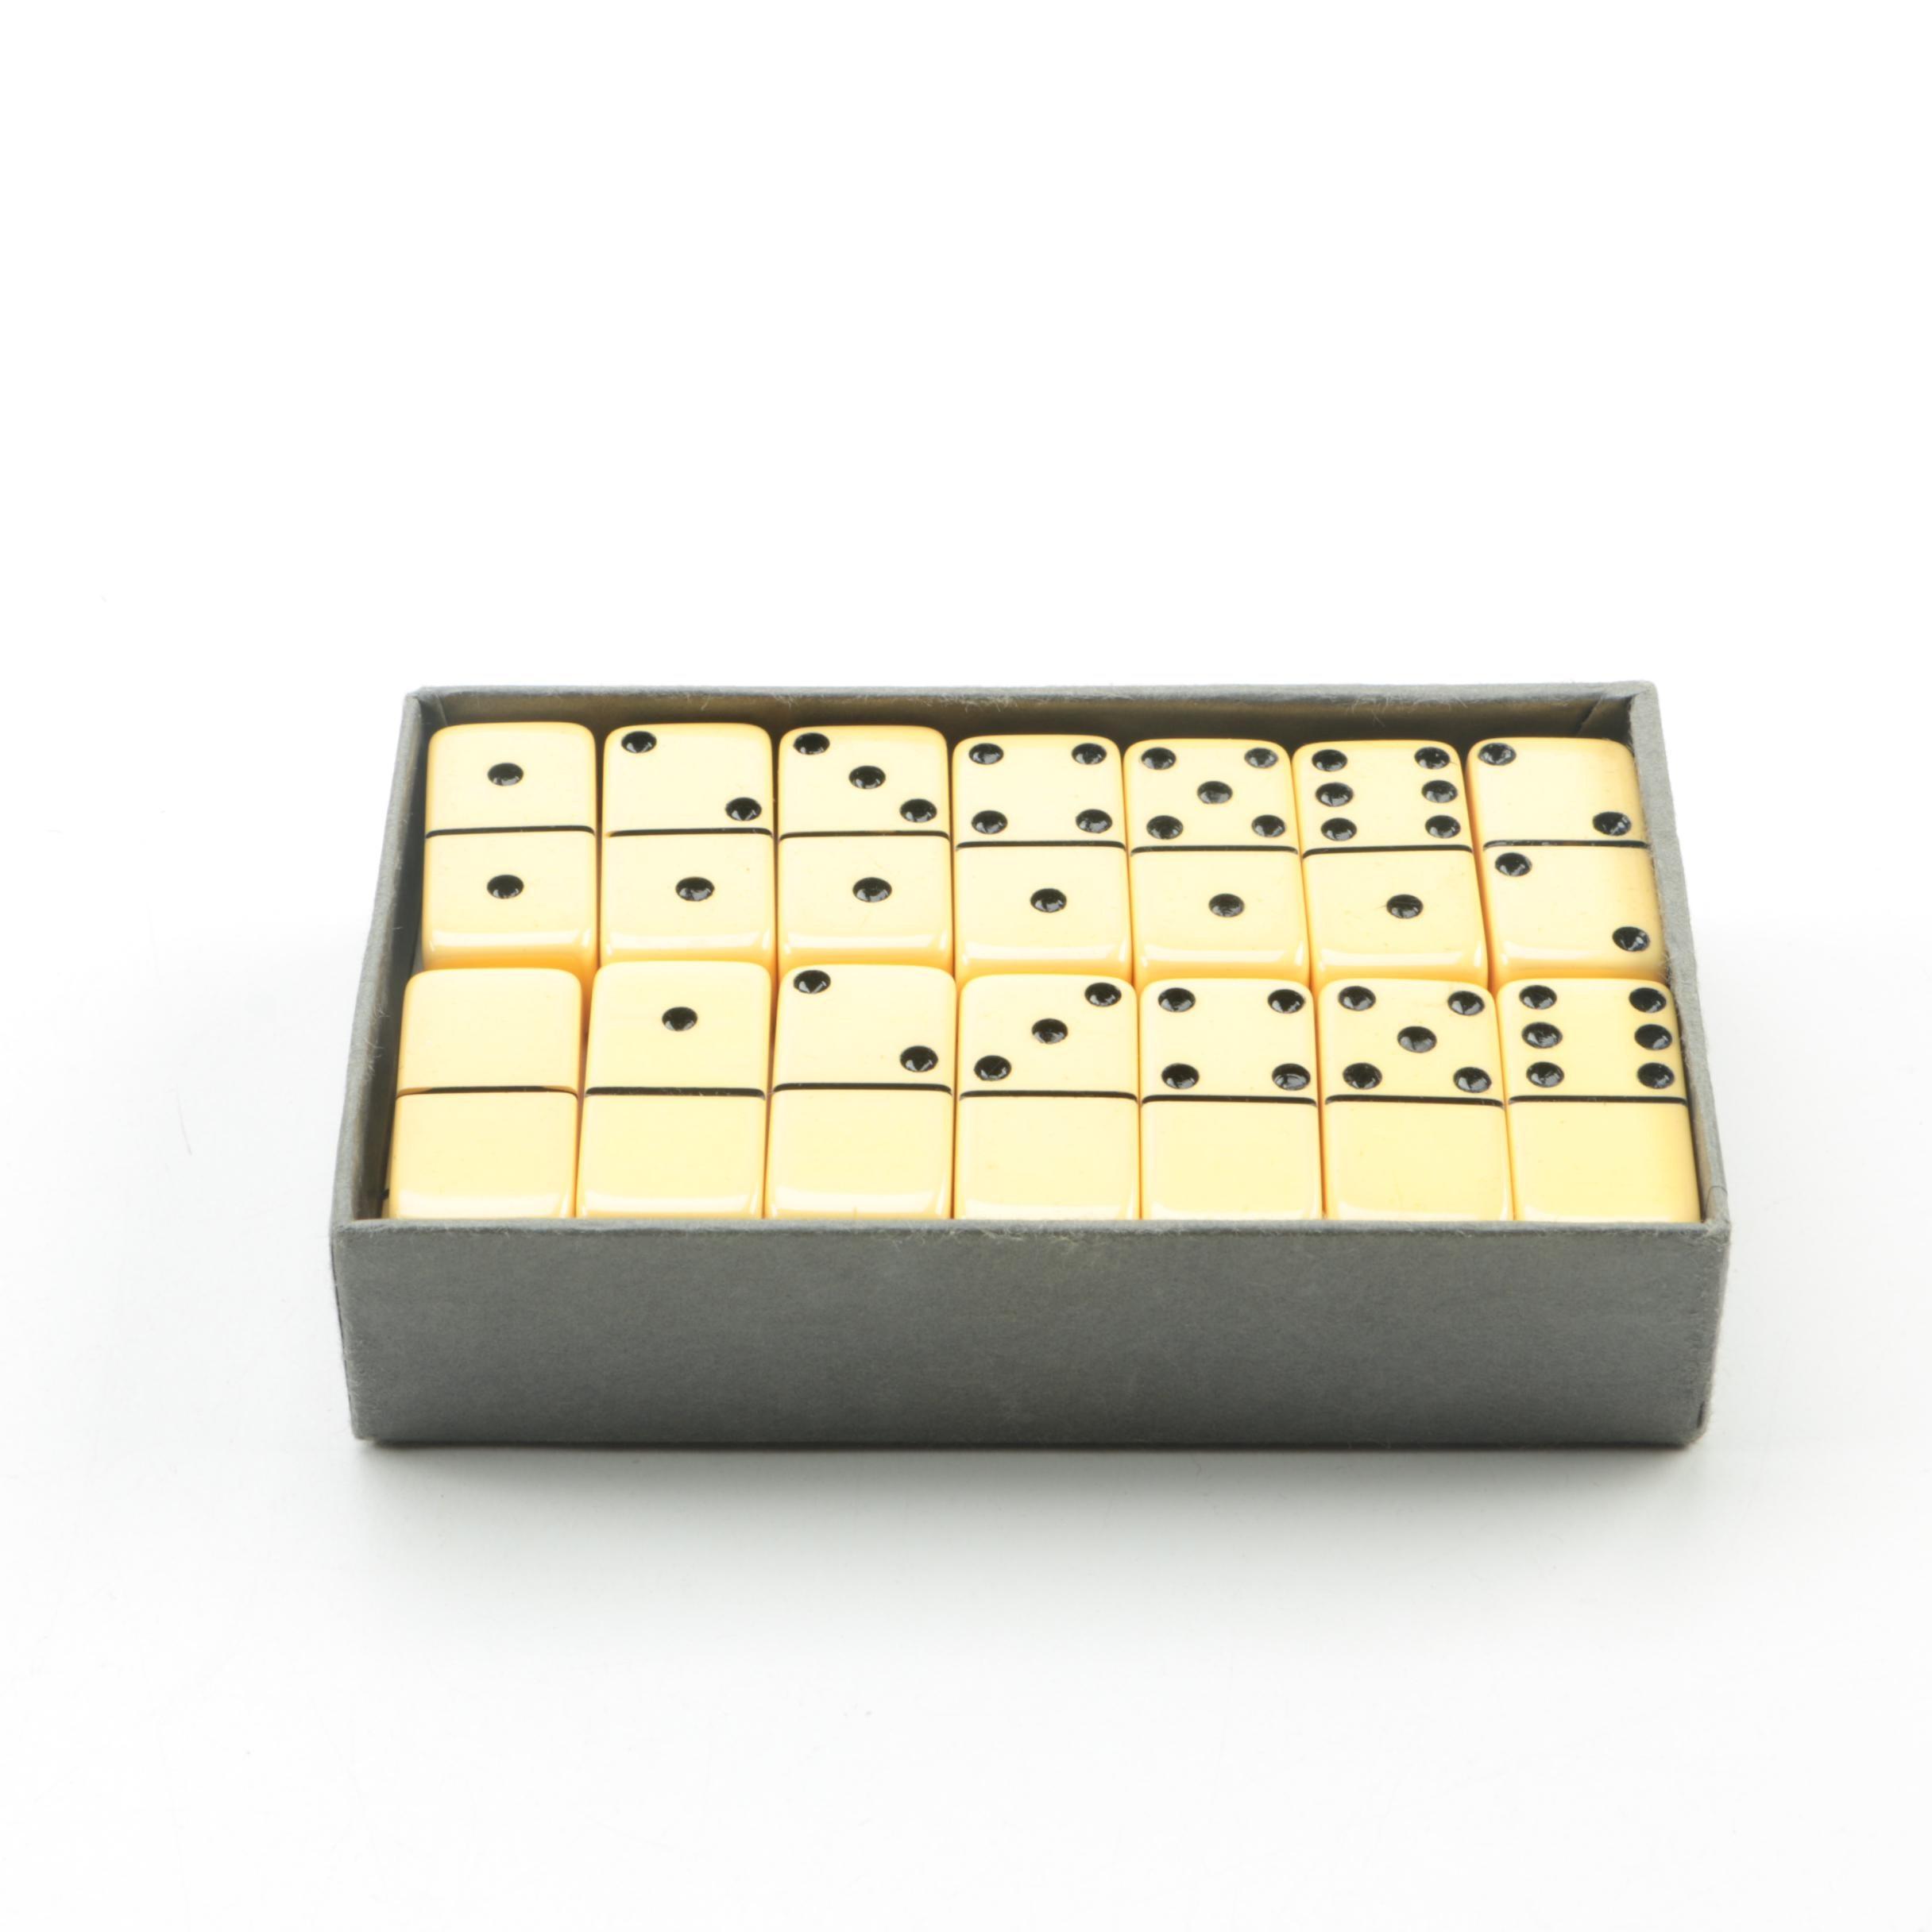 Bakelite Dominoes Set